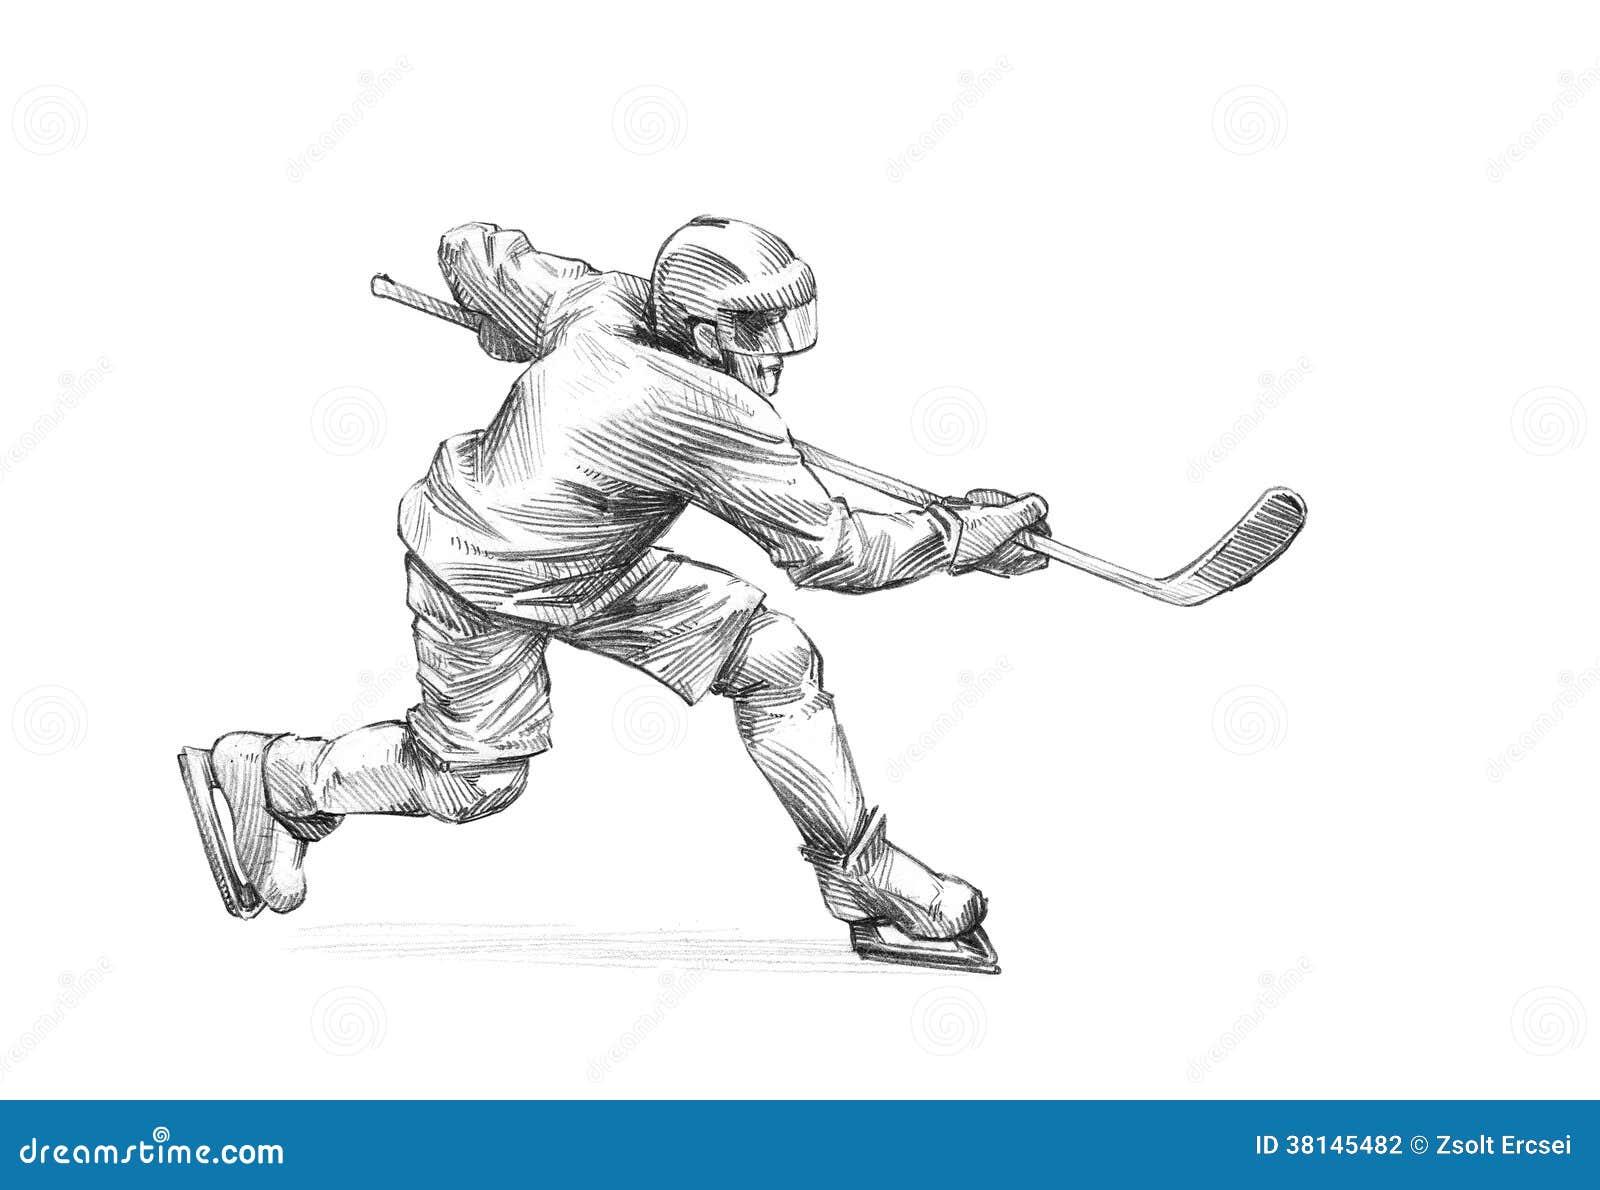 Esboço desenhado à mão, ilustração do lápis de um jogador de hóquei em gelo